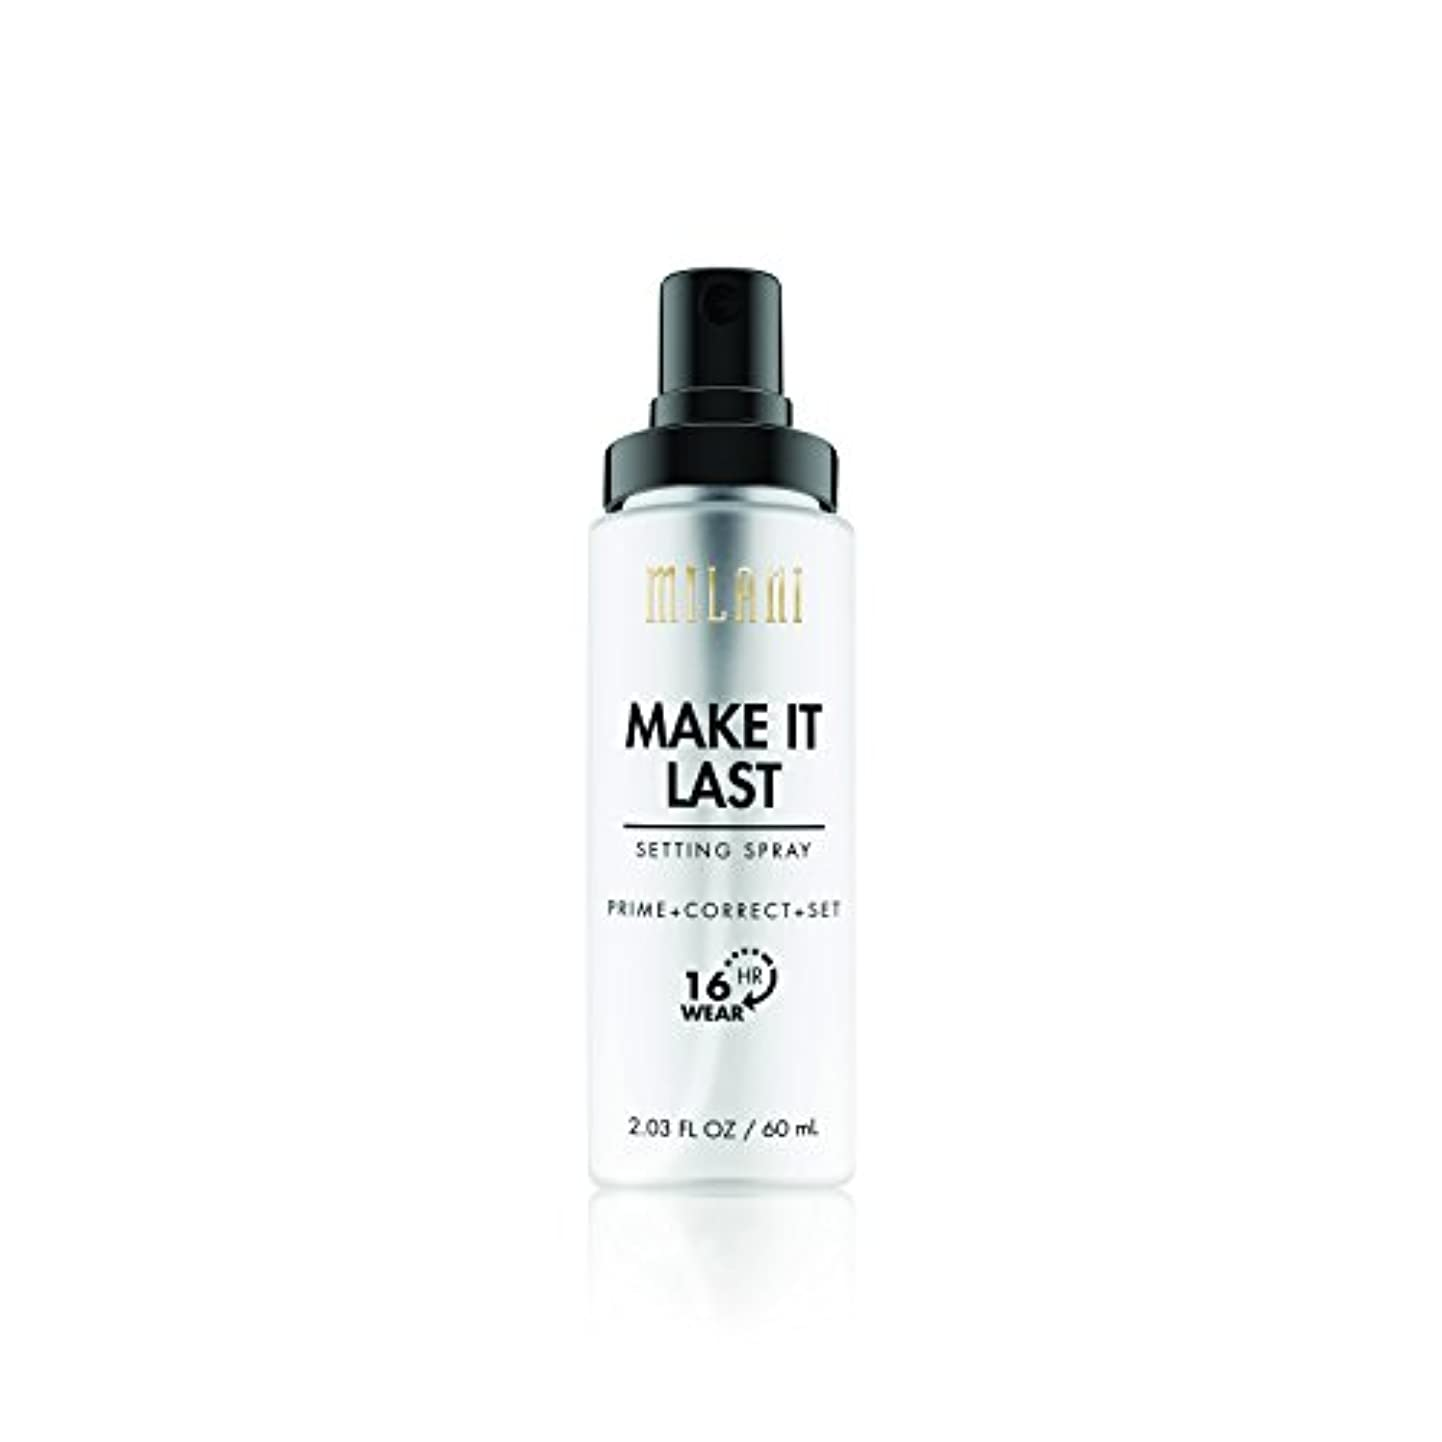 パンチ探偵ホールMILANI Make It Last Setting Spray - Prime + Correct + Set (並行輸入品)